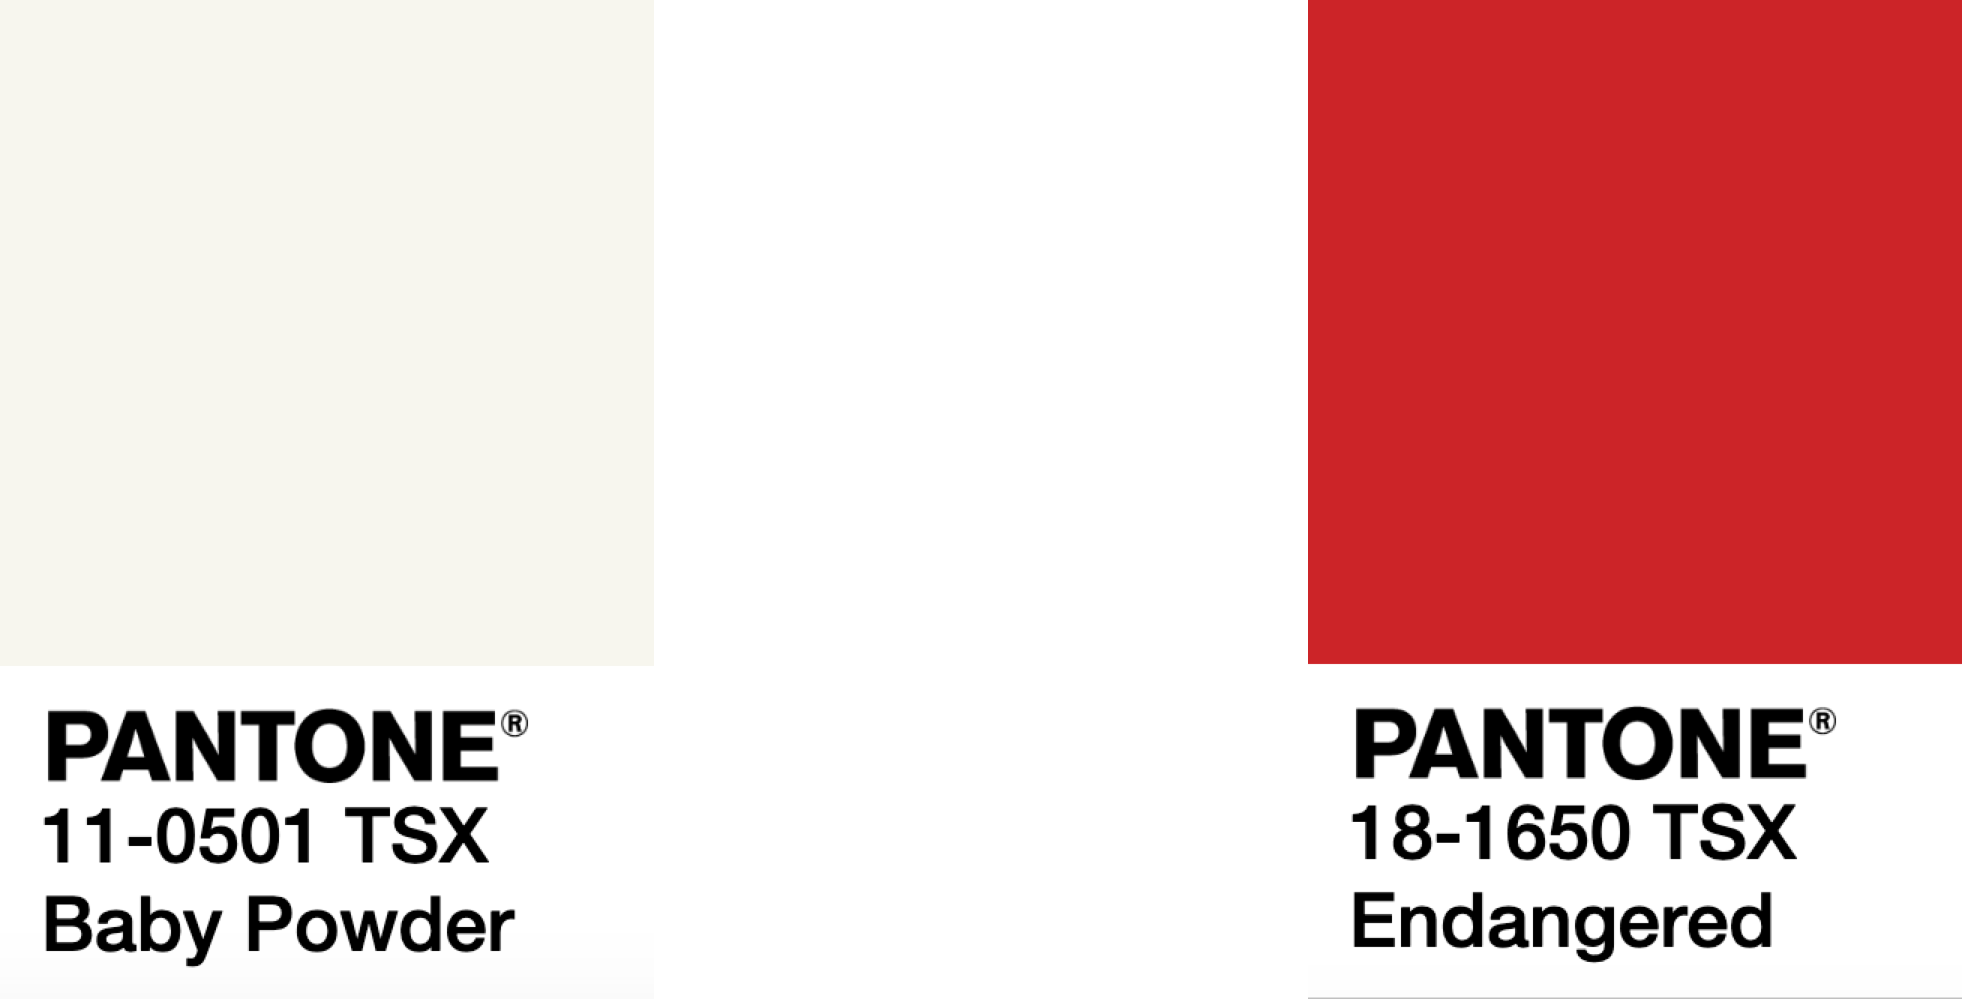 Abandoned Runner OS V. 1.2 - PANTONE 18-1650 TSX EndangeredPANTONE 11-0501 TSX Baby Powder